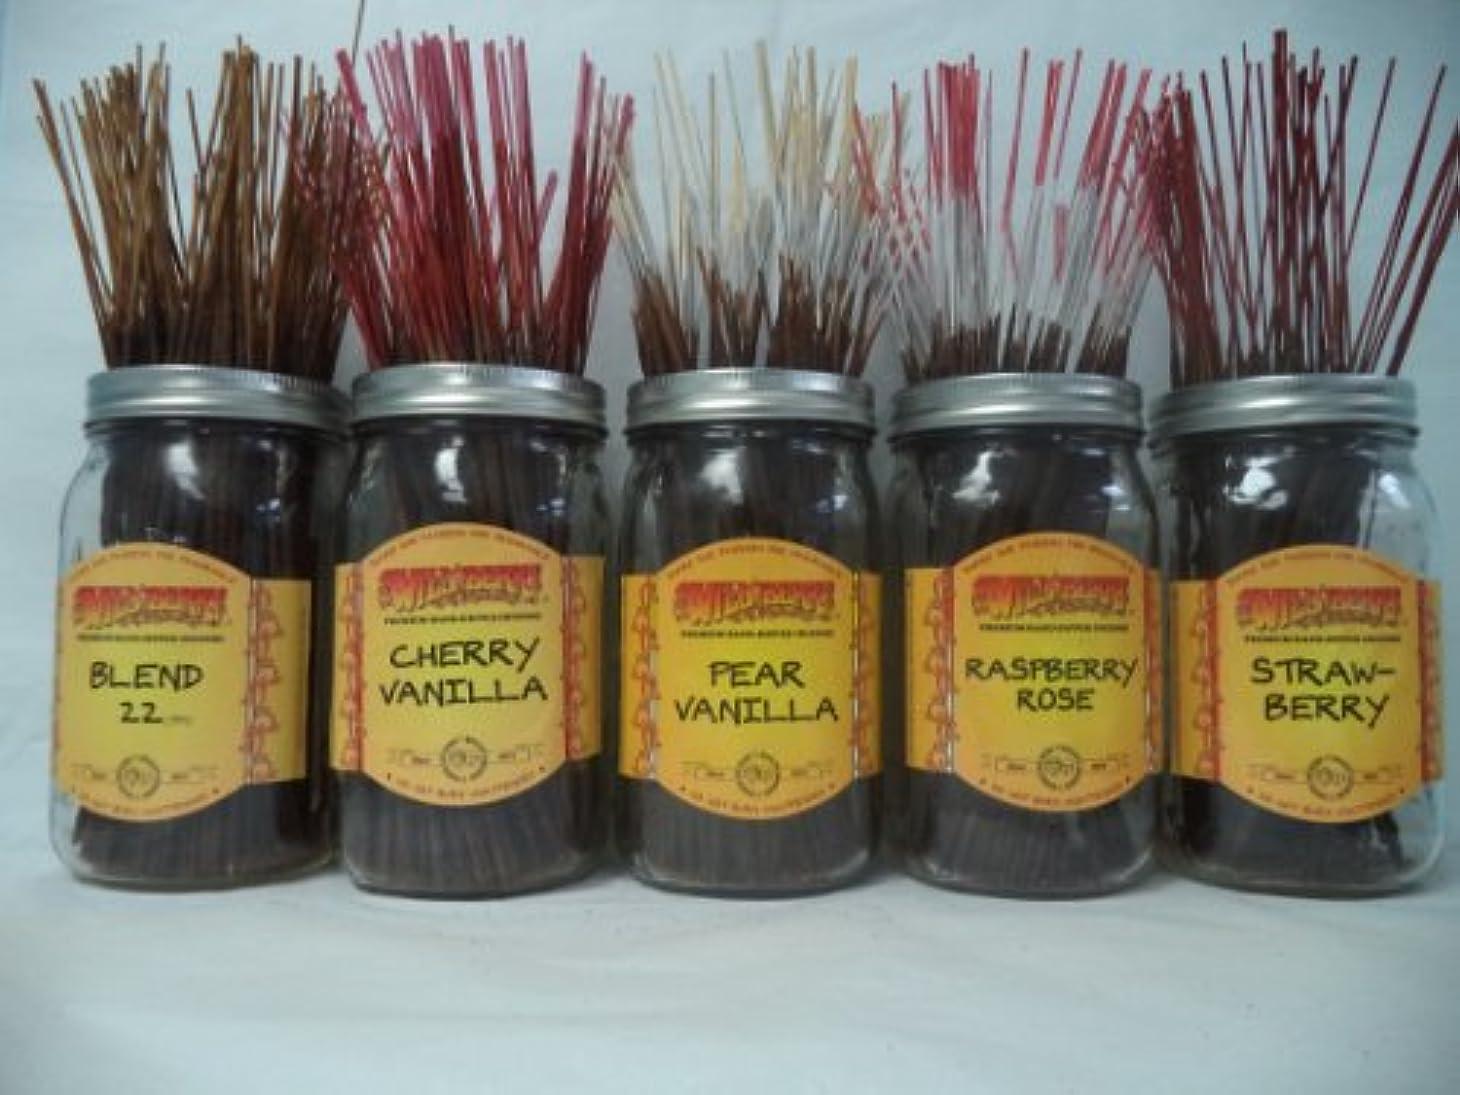 宿題エスカレート批評Wildberry Incense Sticksフルーツ香りセット# 1 : 4 Sticks各5の香り、合計20 Sticks 。